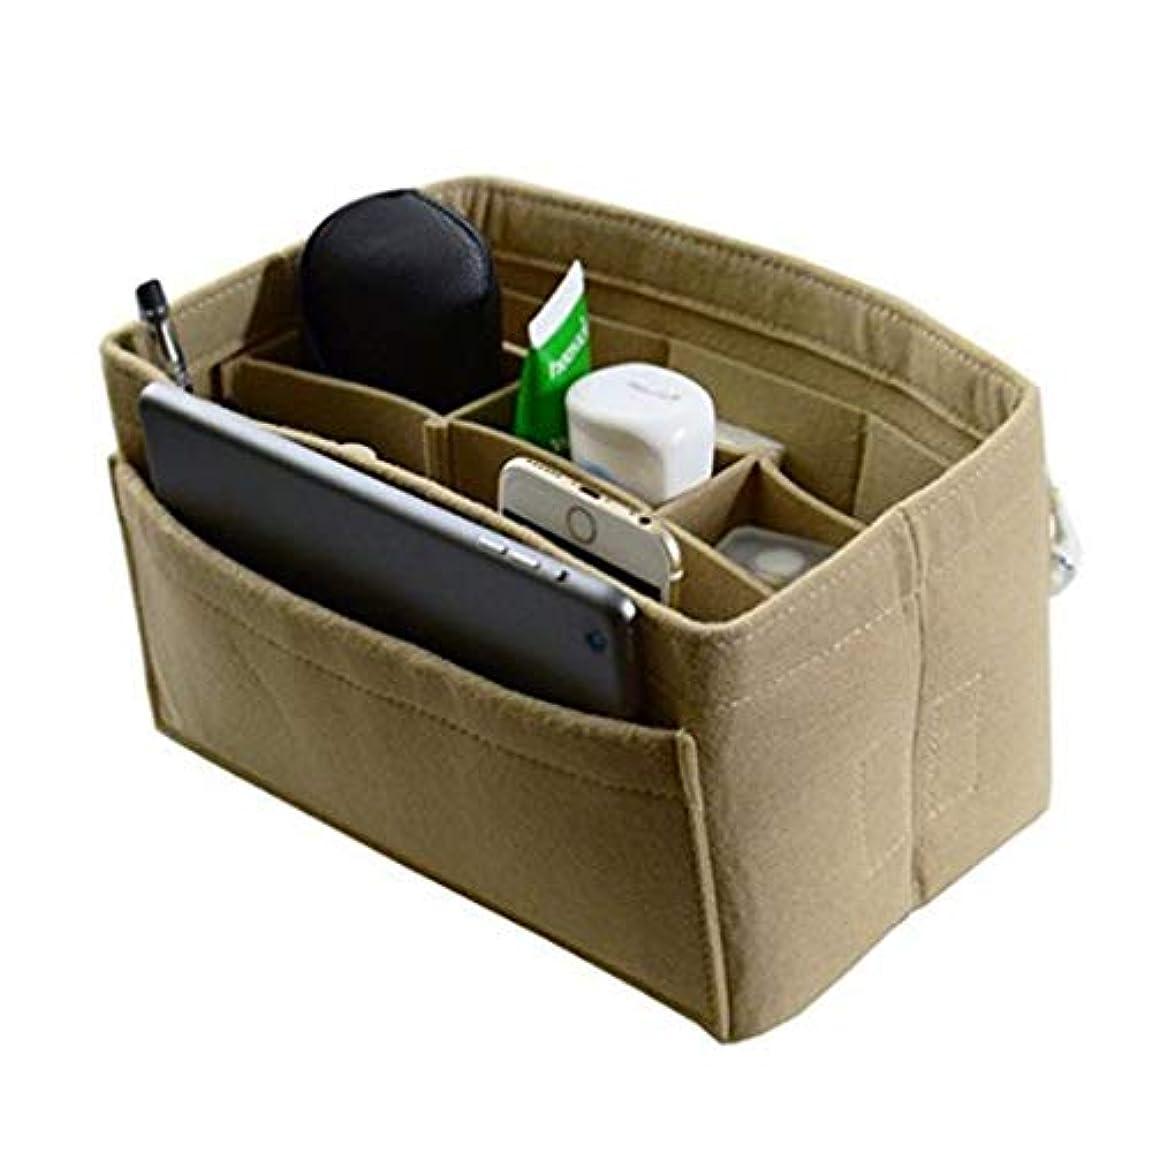 お酢色カウントアップJIOLK バッグインバッグ 軽量 フェルト収納ボックス 収納力抜群 インナーバッグ メイクバッグ 自立できる 分類ケース 日常小物収納 大容量 多機能 化粧ポーチ 仕分け